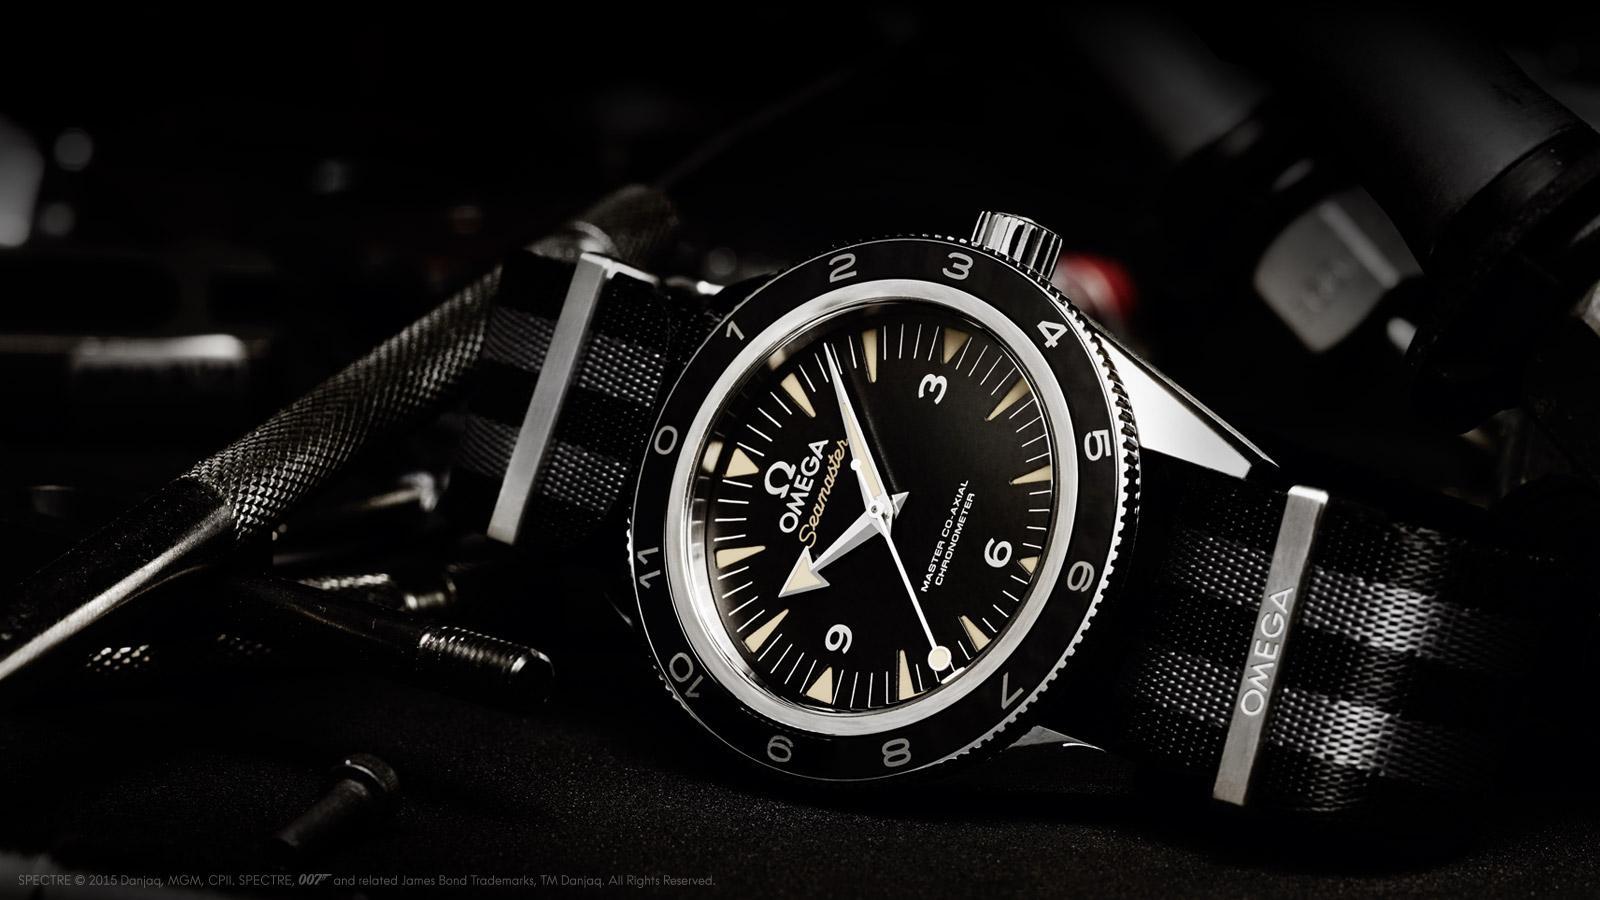 SE_Seamaster300_Spectre_ambiance1_1600x900